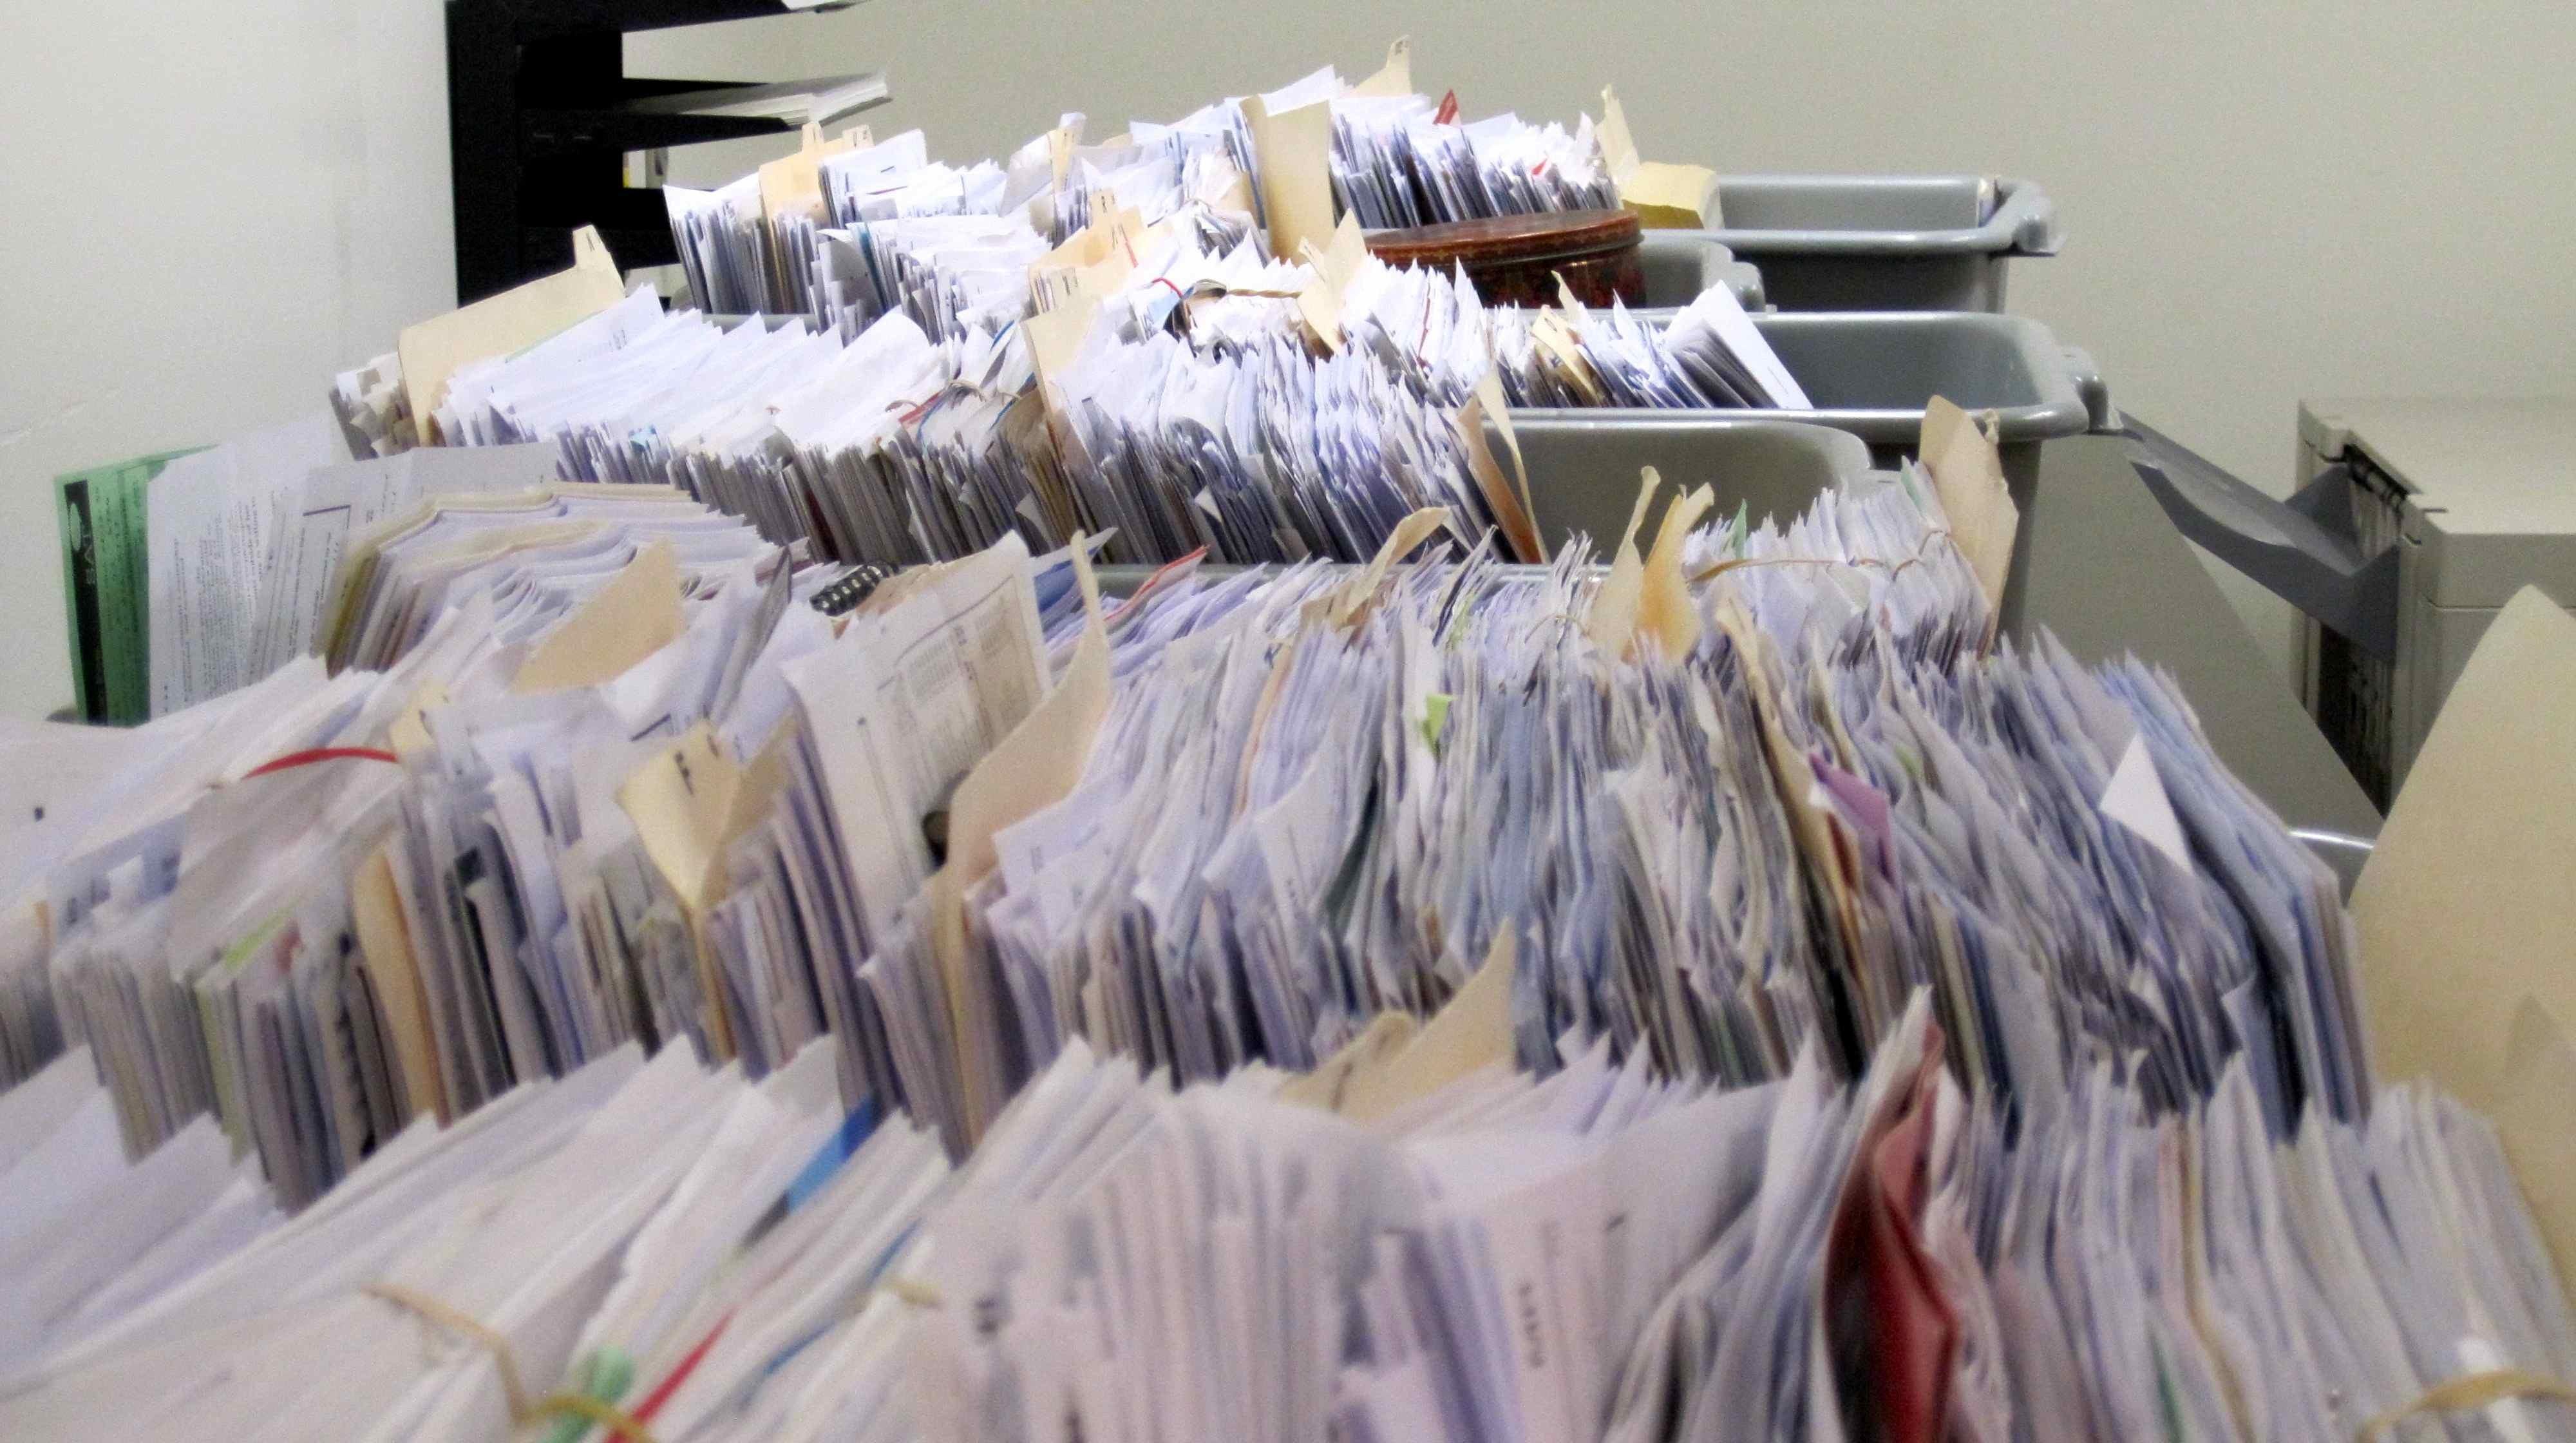 Un magistrat vrea să modifice procedura de consemnare a declarațiilor în procesul penal. A sesizat Curtea Constituțională